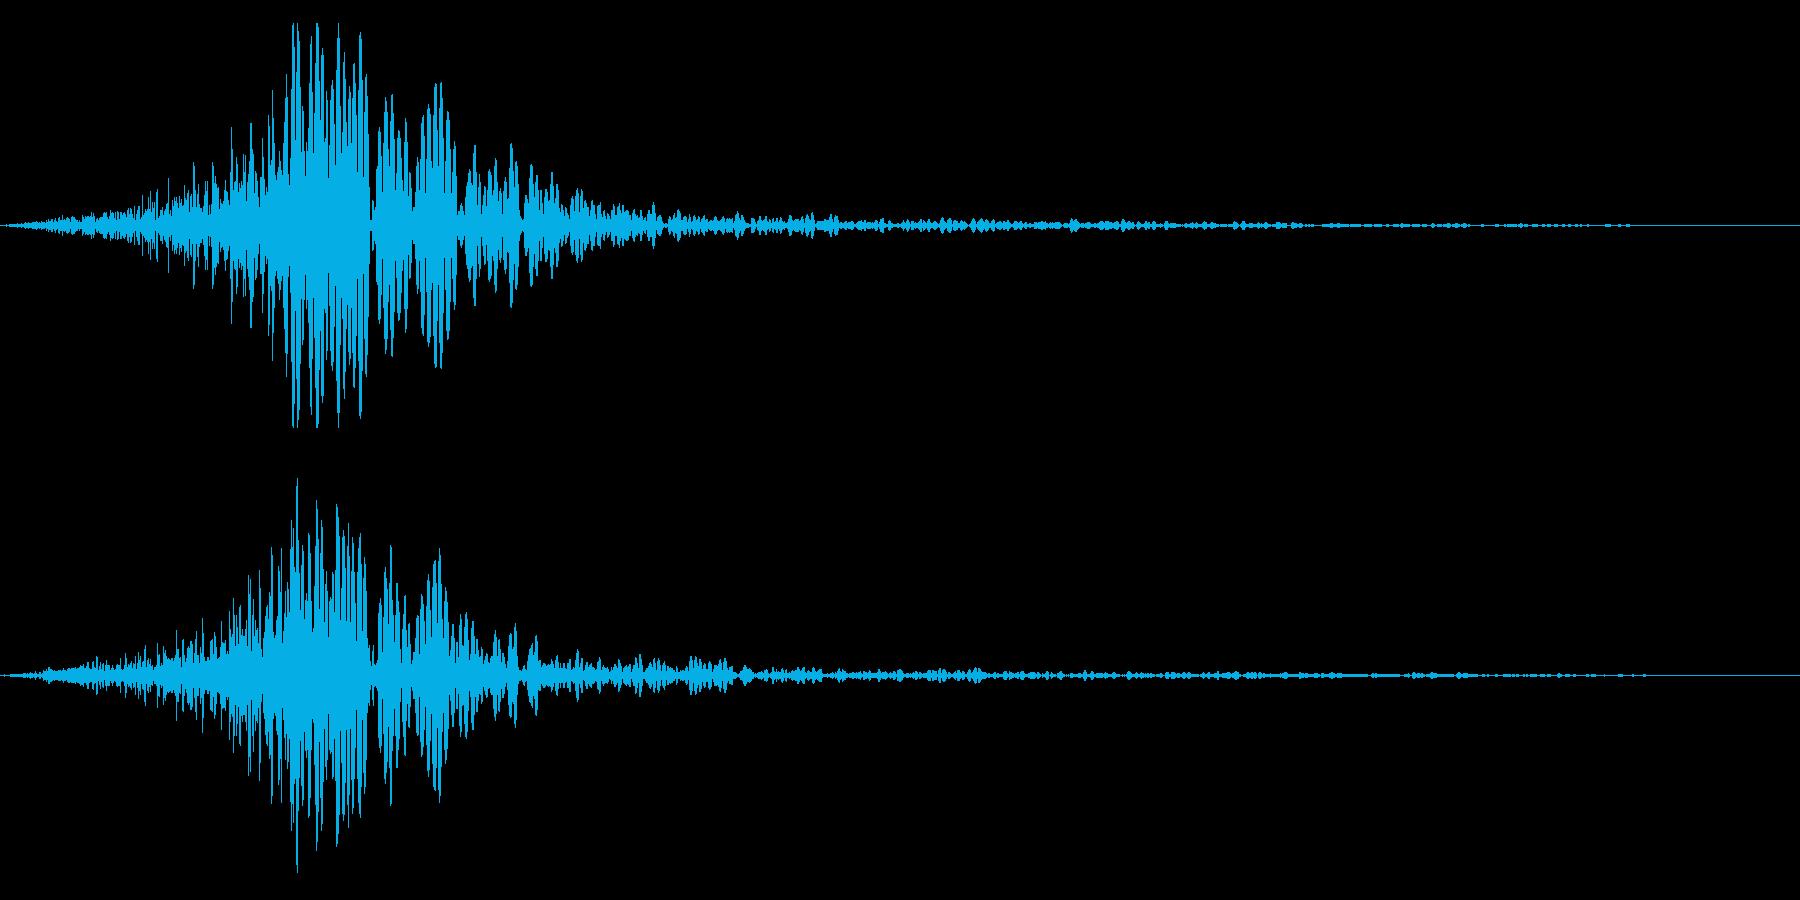 ホラー系アタック音93の再生済みの波形